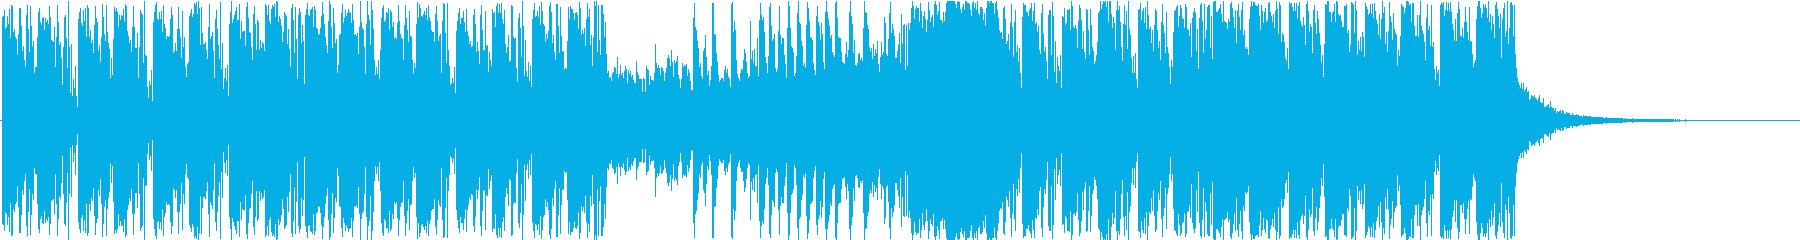 青をイメージしたアンビエントの再生済みの波形